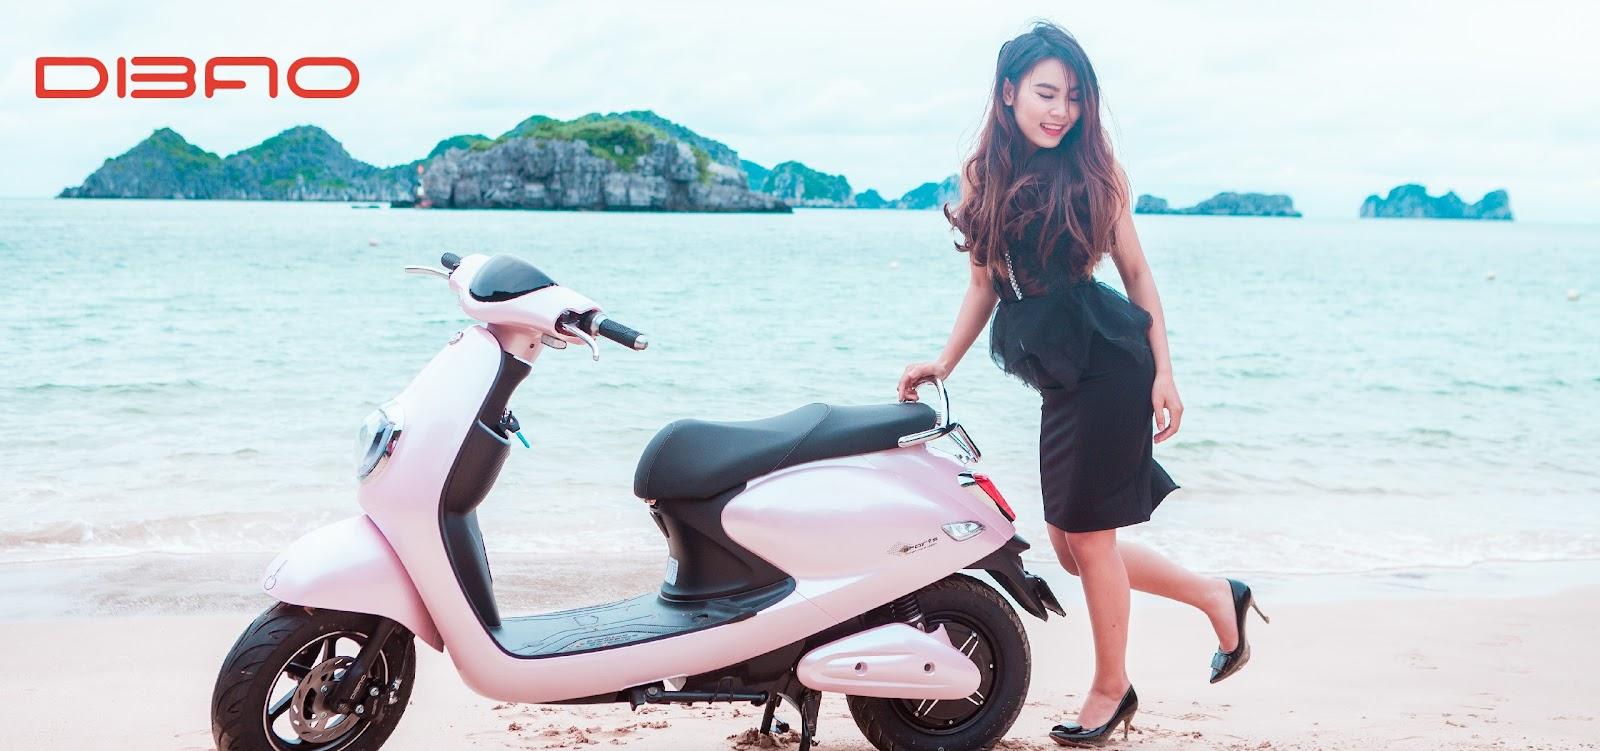 Yên xe phù hợp tầm vóc người Việt